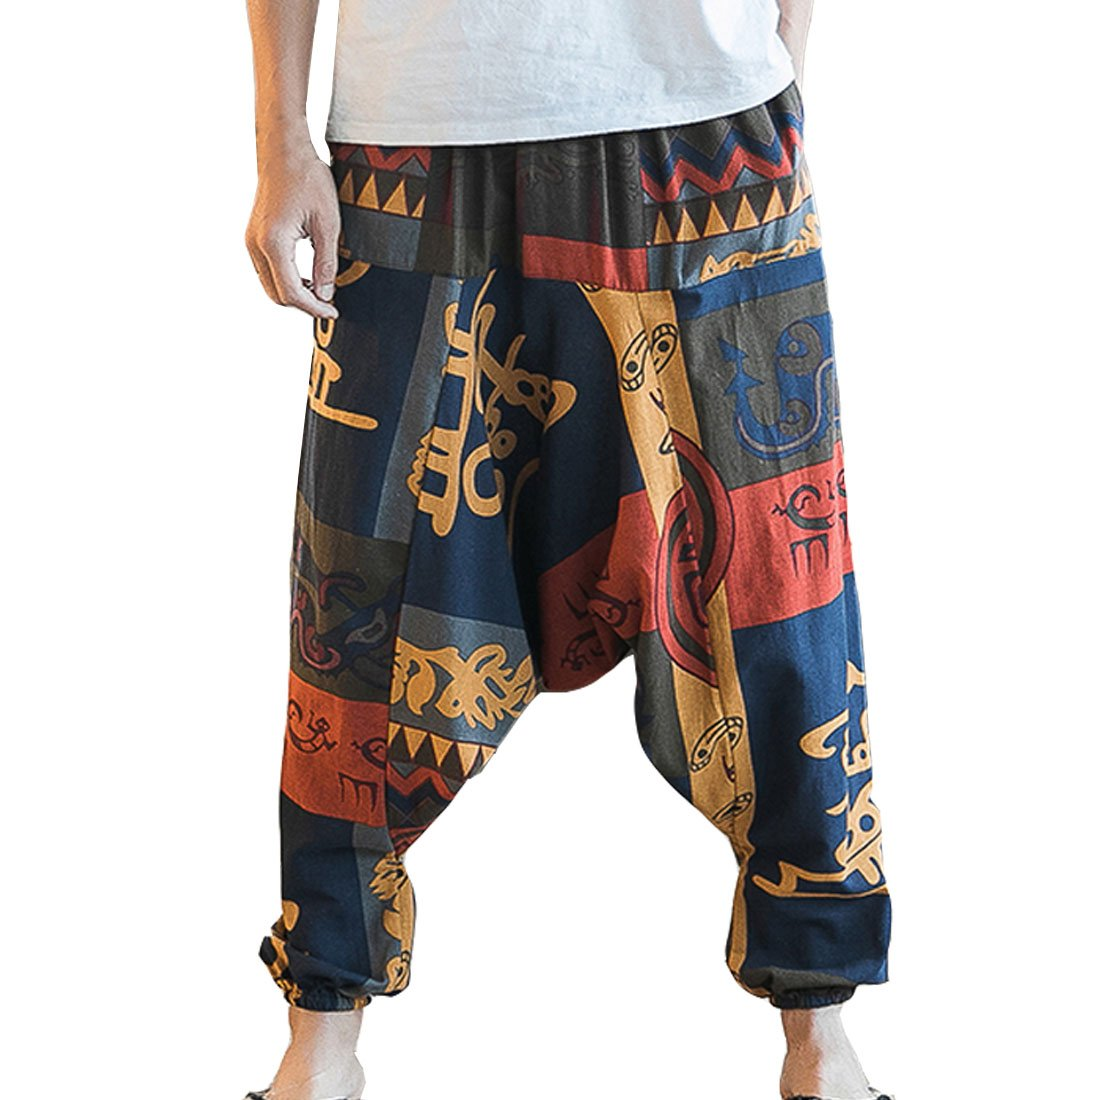 Hzcx Fashion Men's Vintage Cotton Blends Linen Drop Crotch Jogging Harem Pants DSC229-DK69-60-SM-US M TAG XL